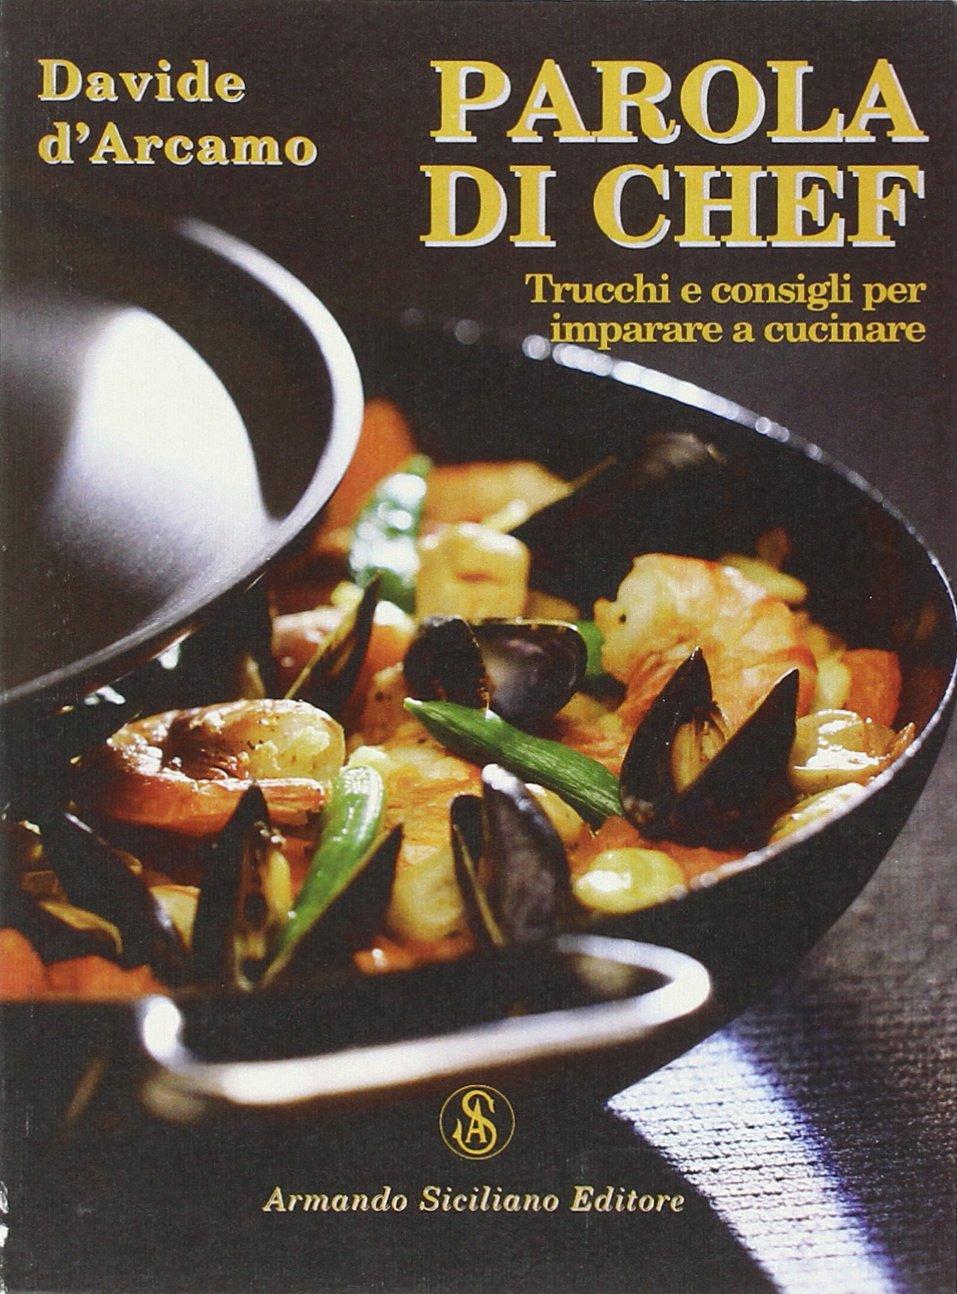 Parola di chef. Trucchi e consigli per imparare a cucinare ...